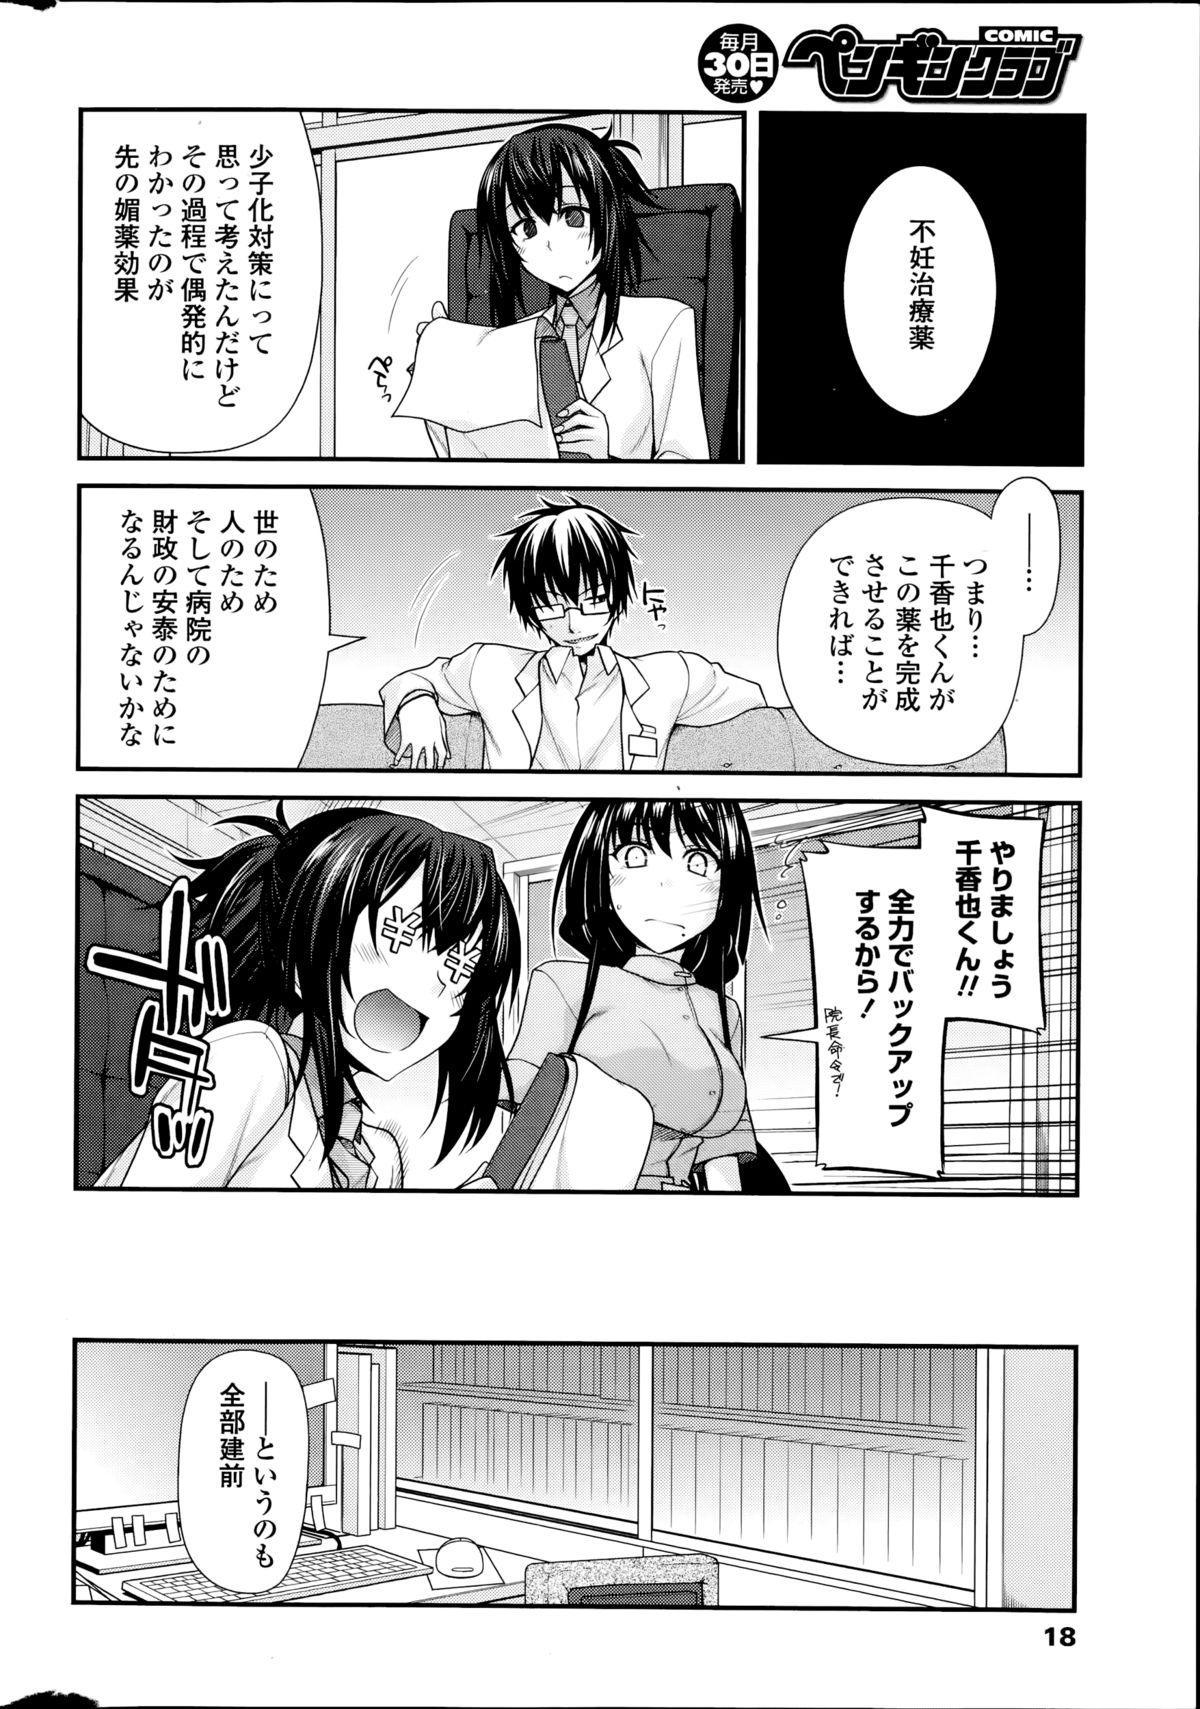 Yumemirukusuri Ch. 1-4 5